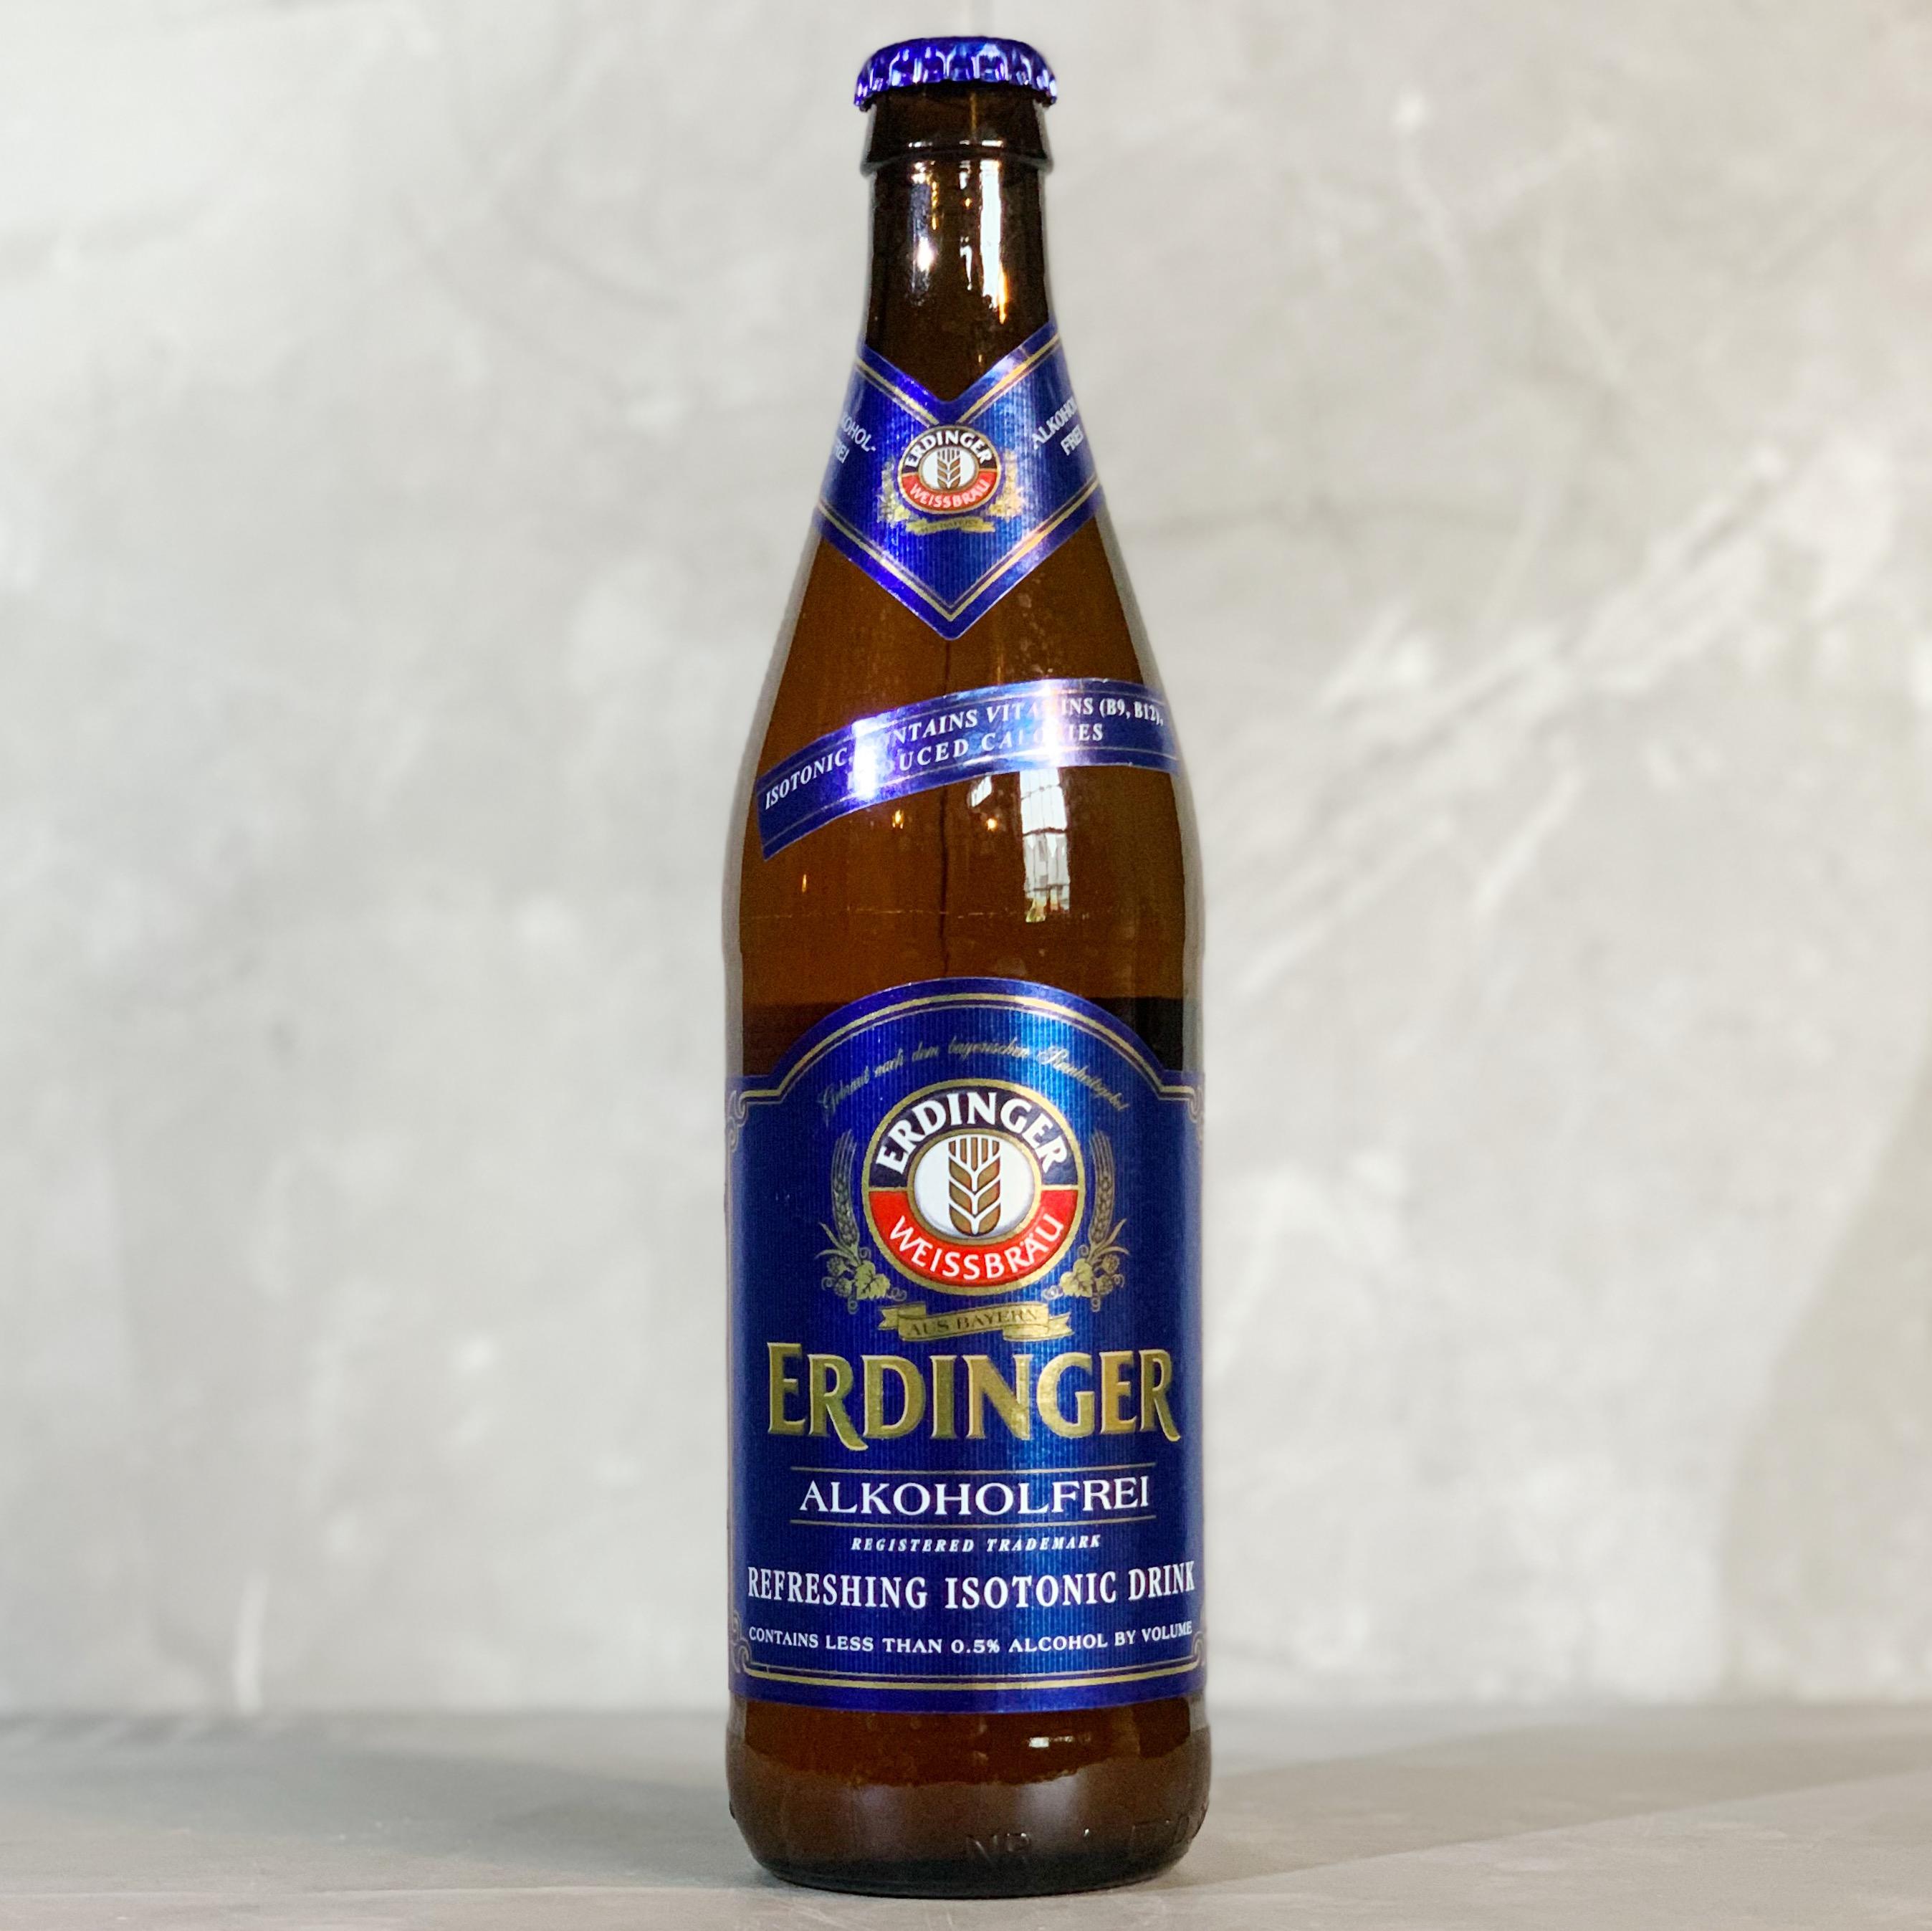 ERDINGER | ALCOHOLFREI | WEISSBIER | 0.5% ABV | 500ML